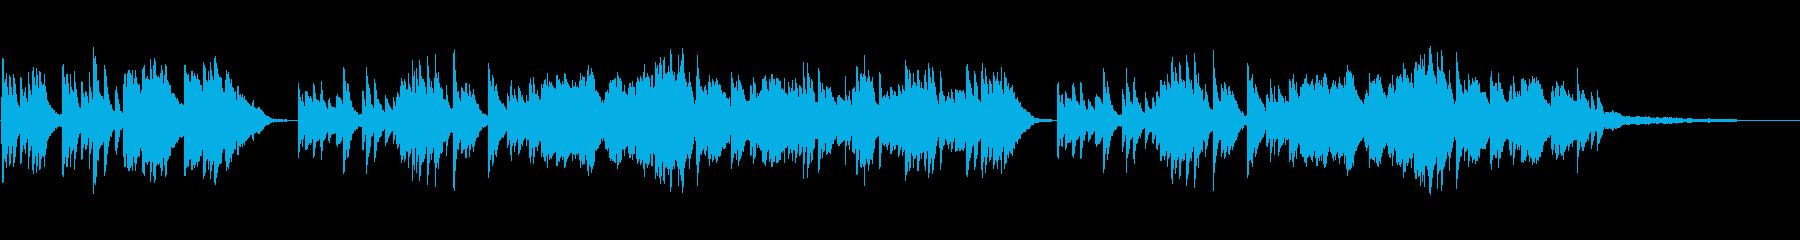 悲しく美しいピアノヴァイオリン曲の再生済みの波形